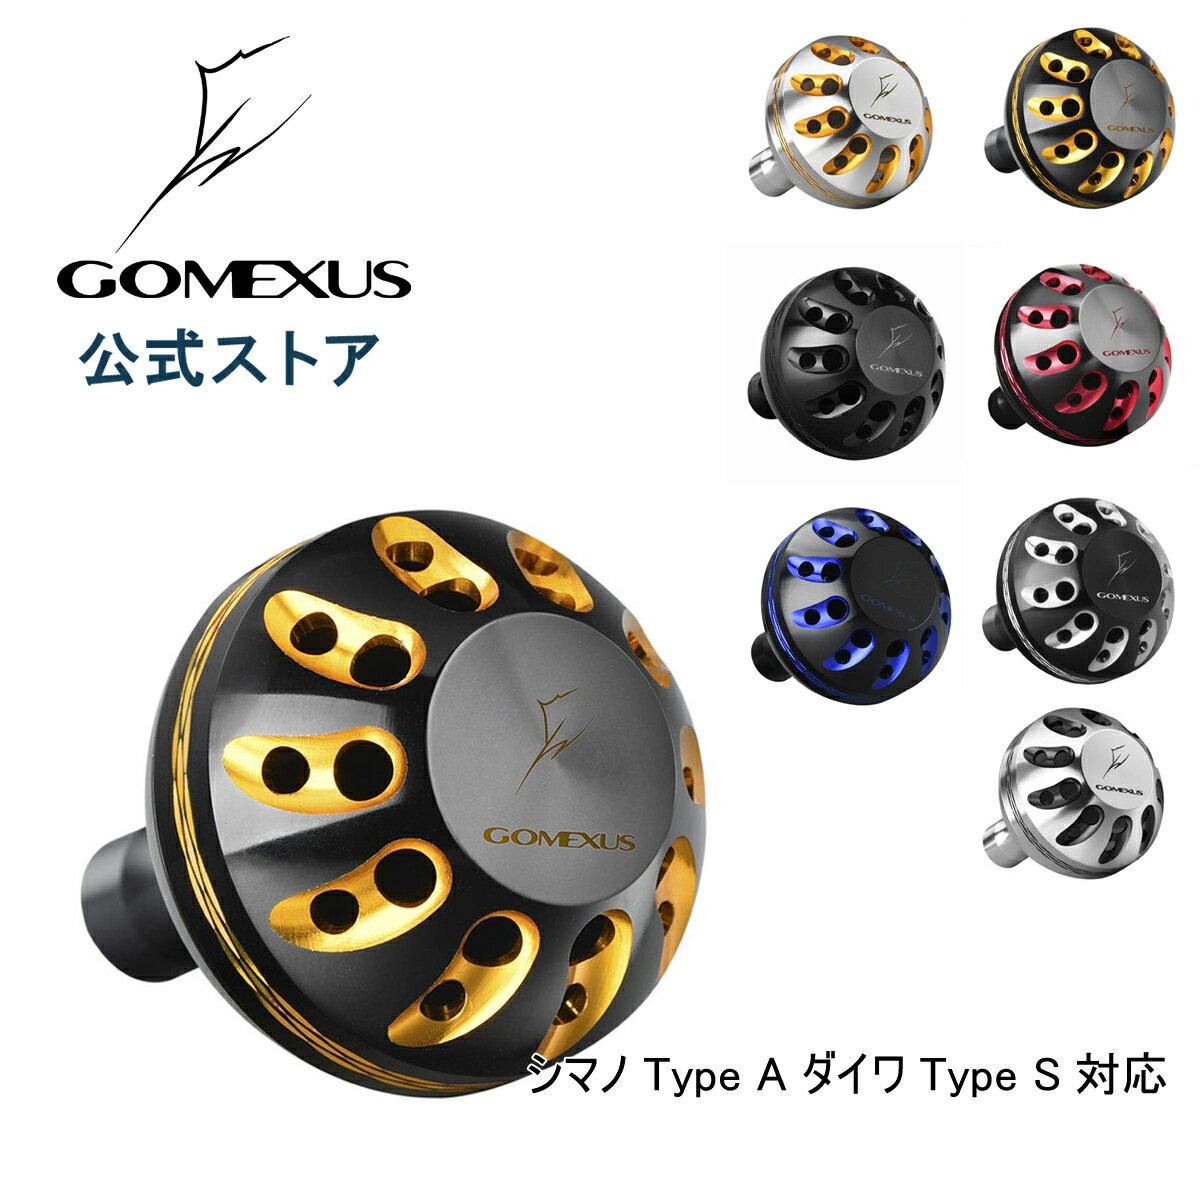 フィッシング, リールパーツ  35mm 38mm 41mm Shimano TypeA Daiwa TypeS Gomexus